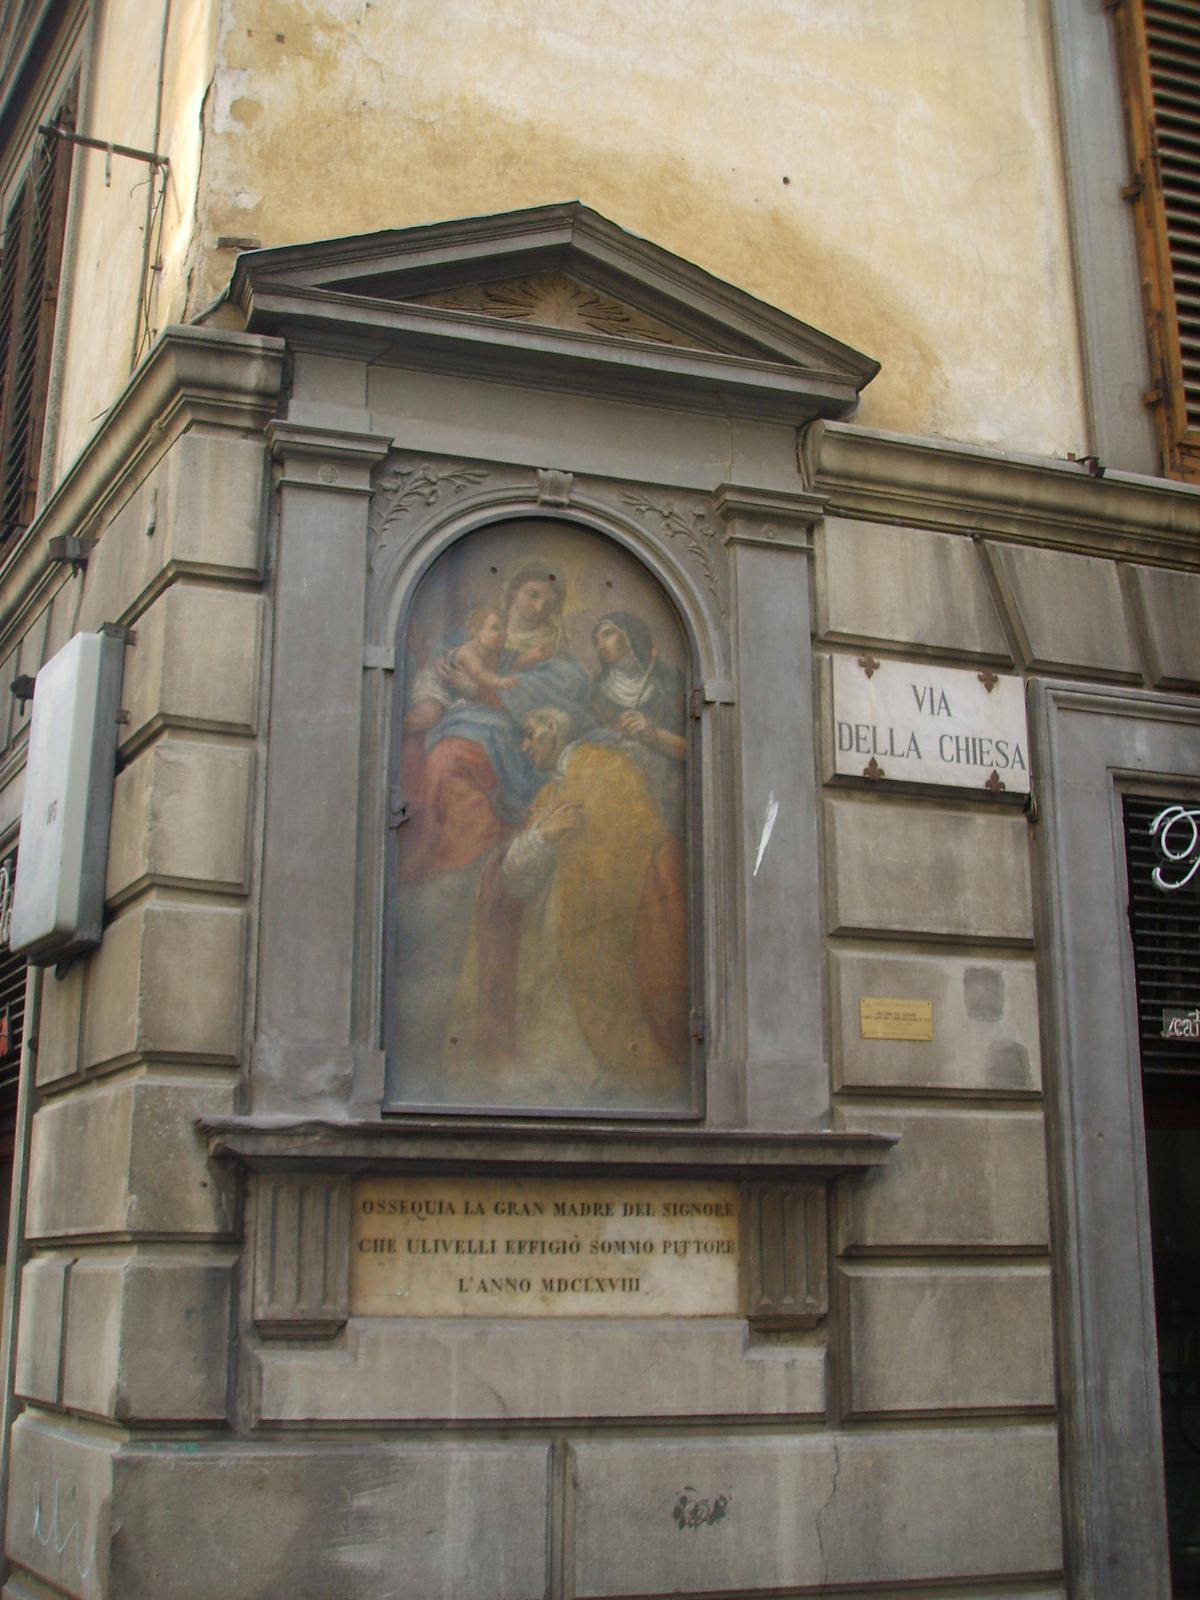 Tabernacolo di Cosimo Ulivelli all'angolo di via della Chiesa e via dei Serragli a Firenze.